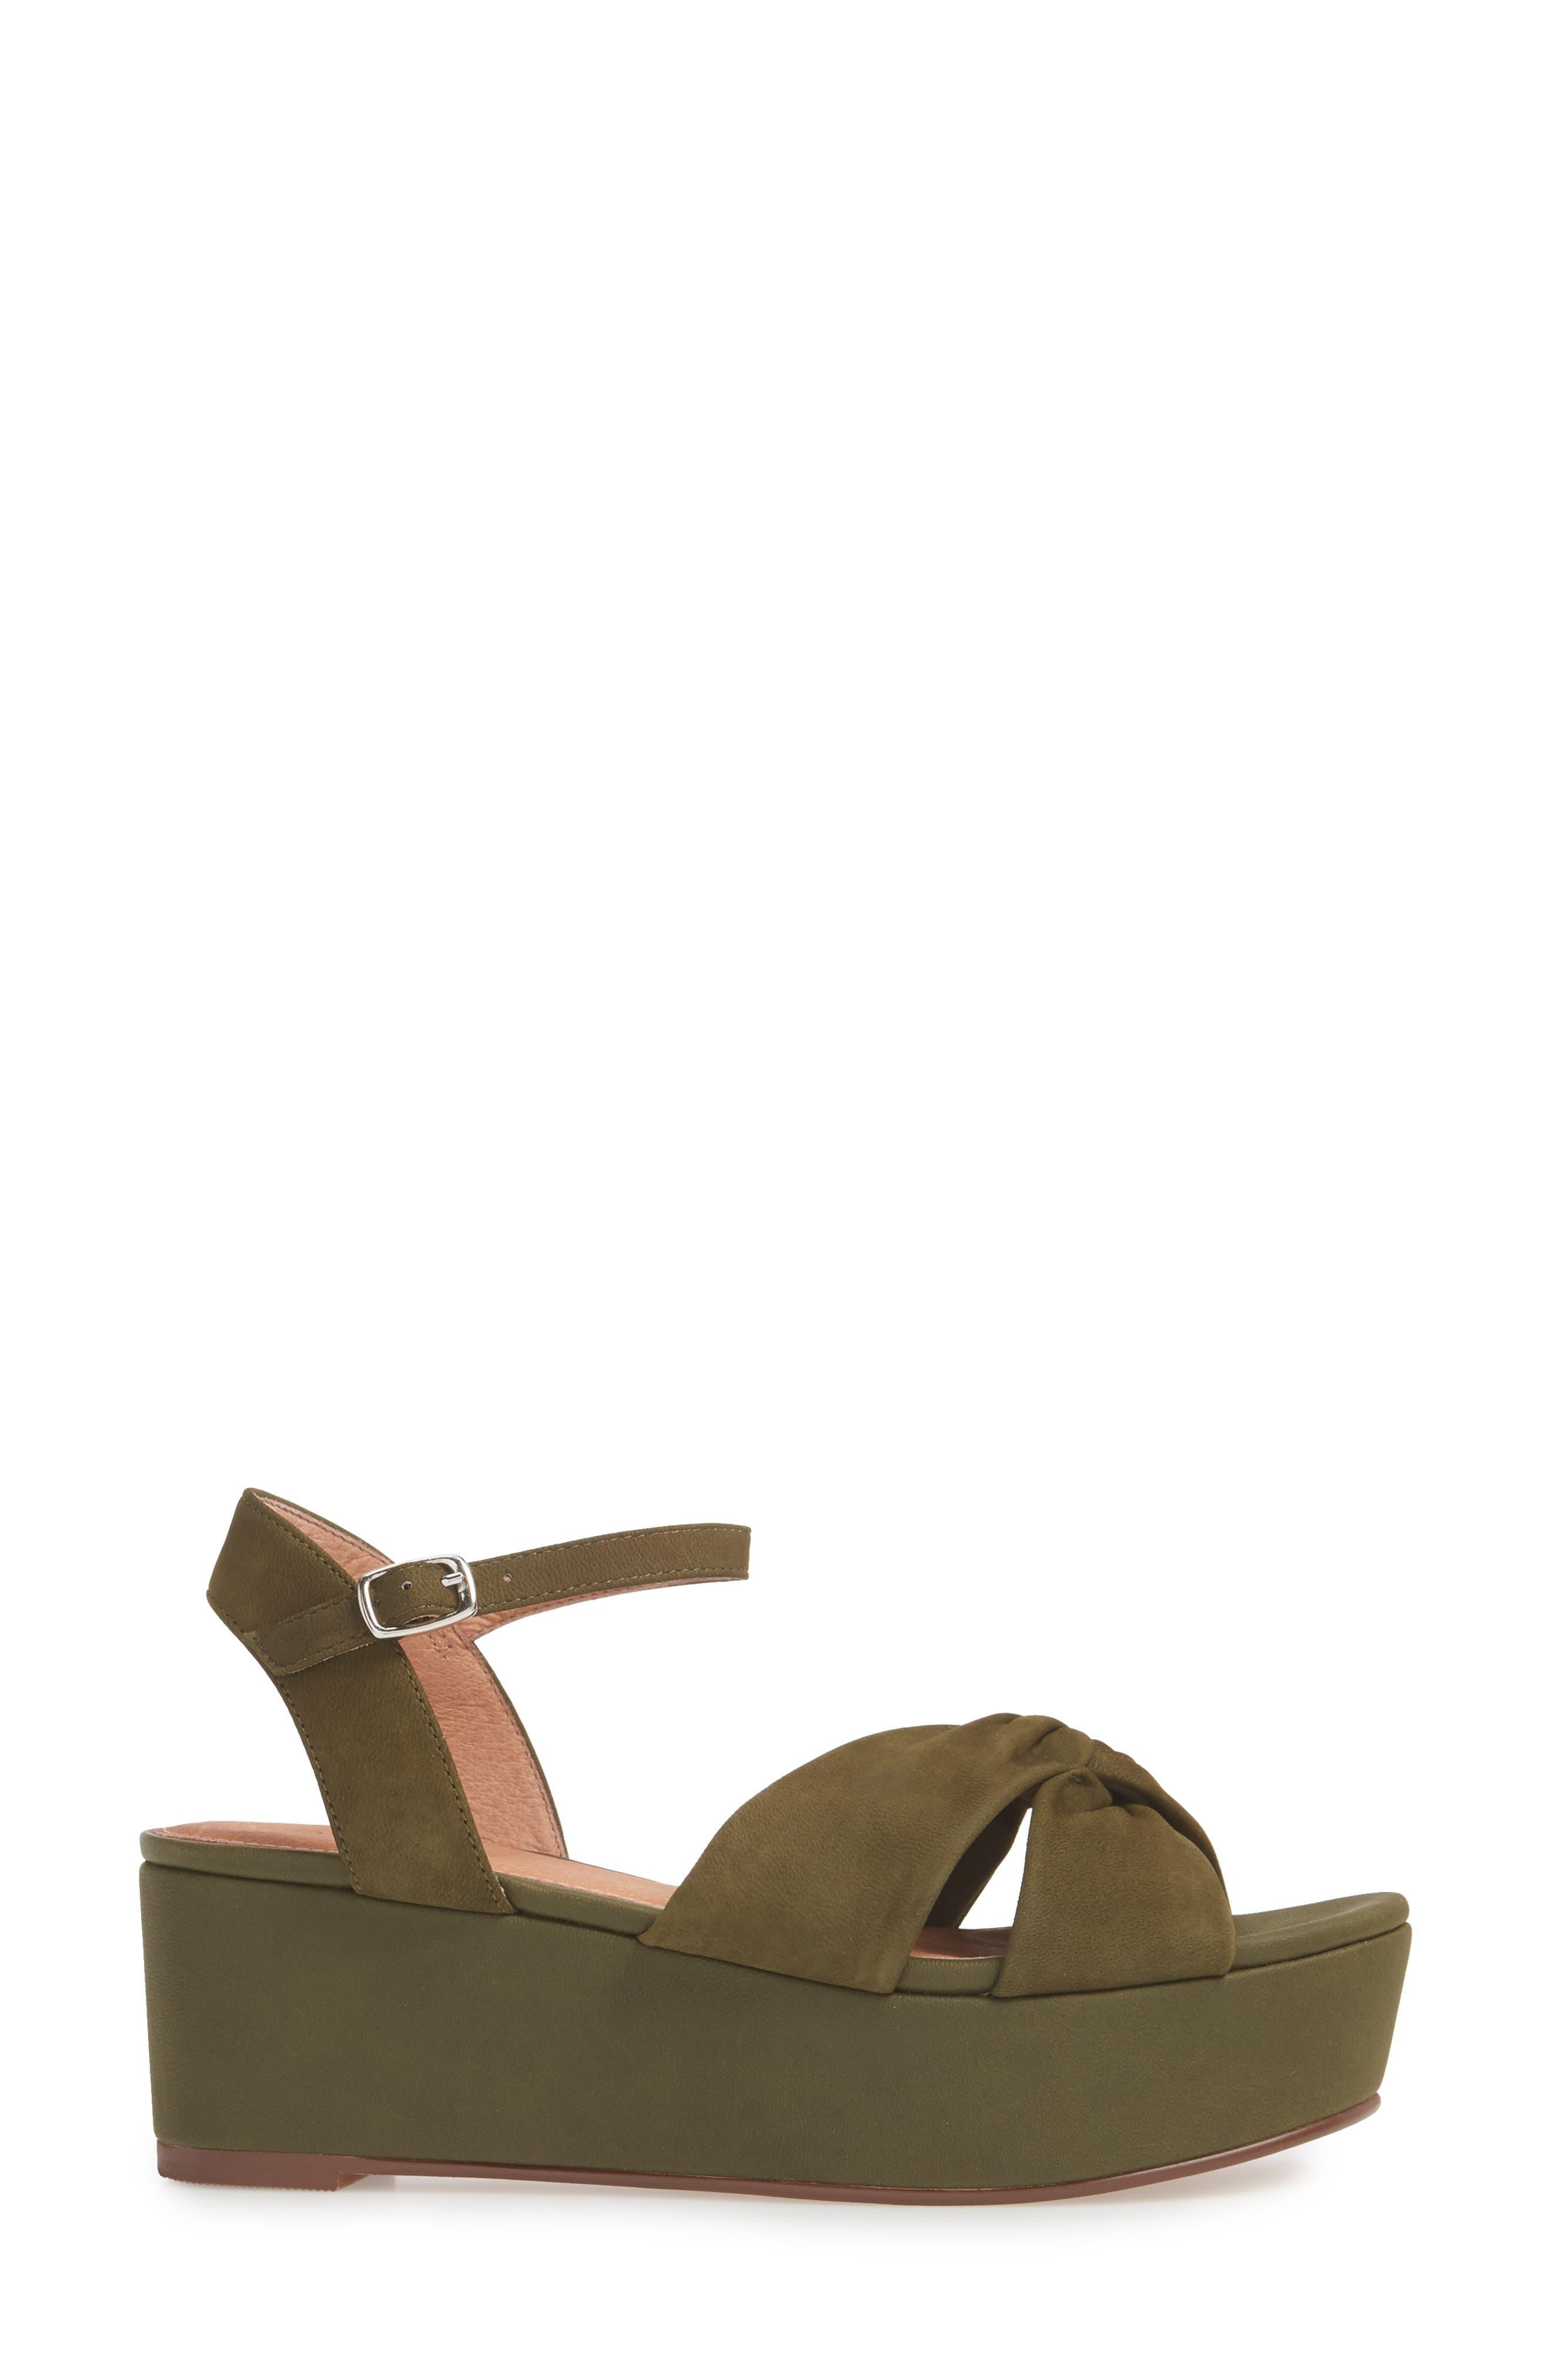 Ryder Platform Sandal,                             Alternate thumbnail 3, color,                             Olive Nubuck